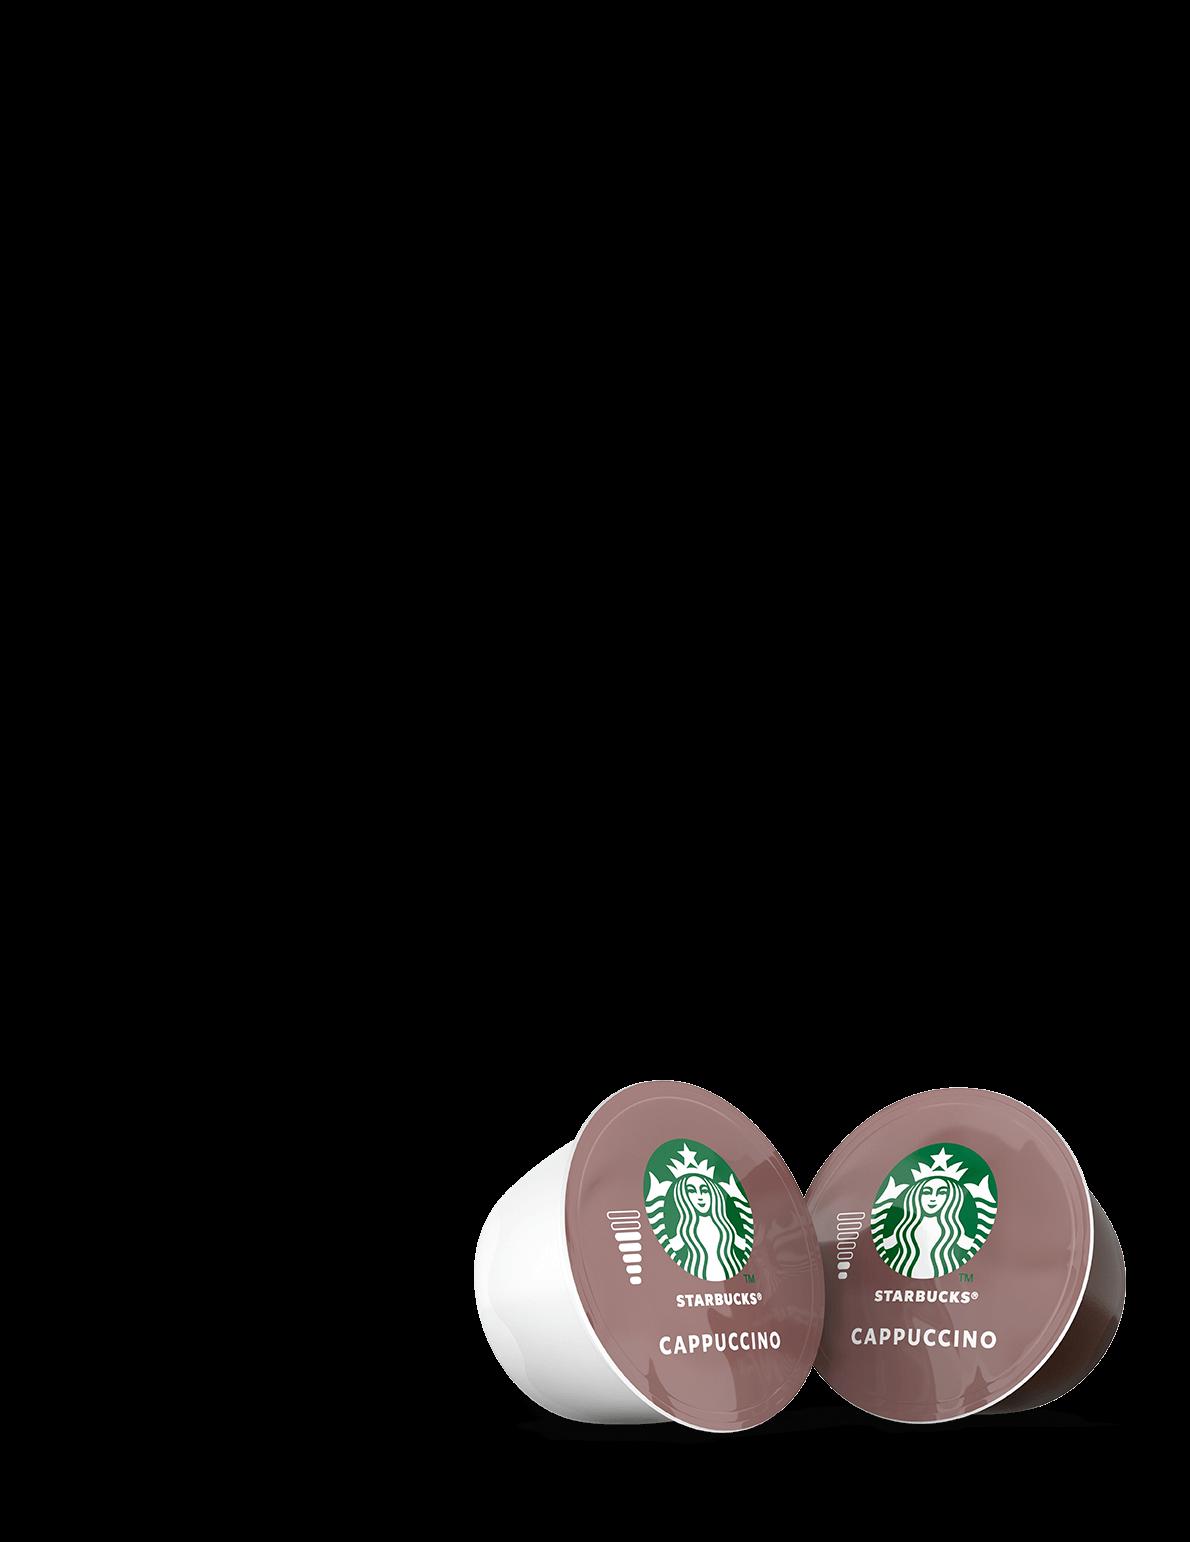 Cápsulas Starbucks® Cappuccino